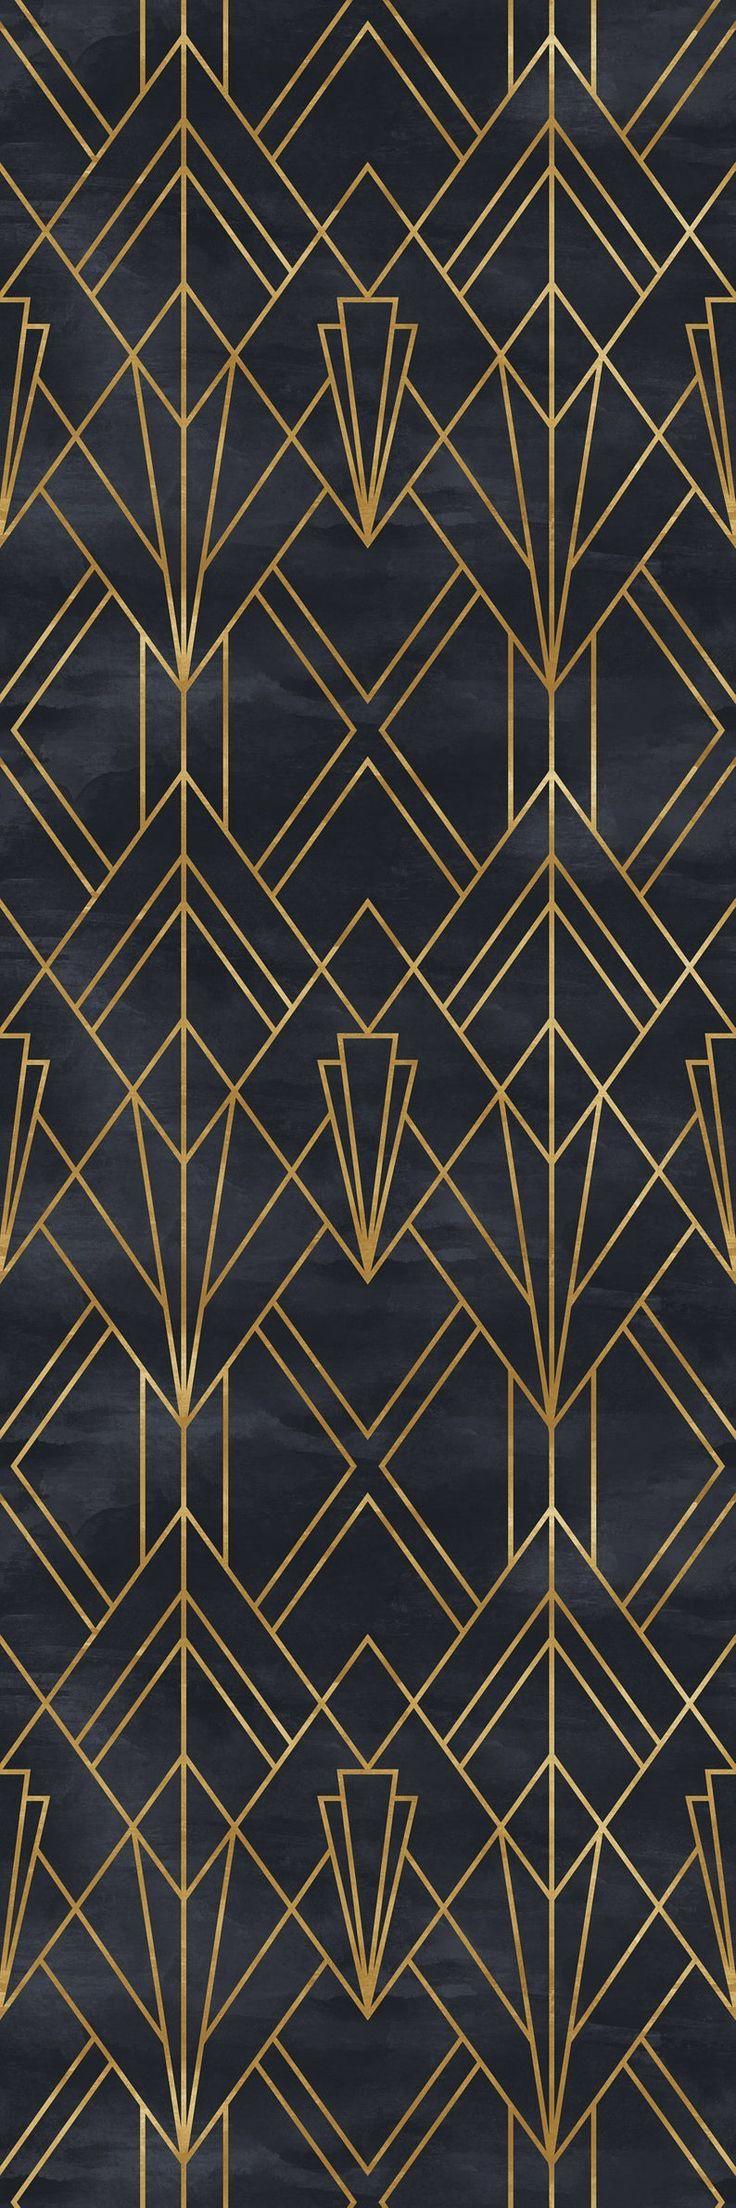 Abnehmbare Tapete Selbstklebende Tapete Gold Und Schwarz Geometrische Peel Stick Tapete Abneh Wohnzimmer Tapeten Ideen Abnehmbare Tapete Tapeten Wohnzimmer